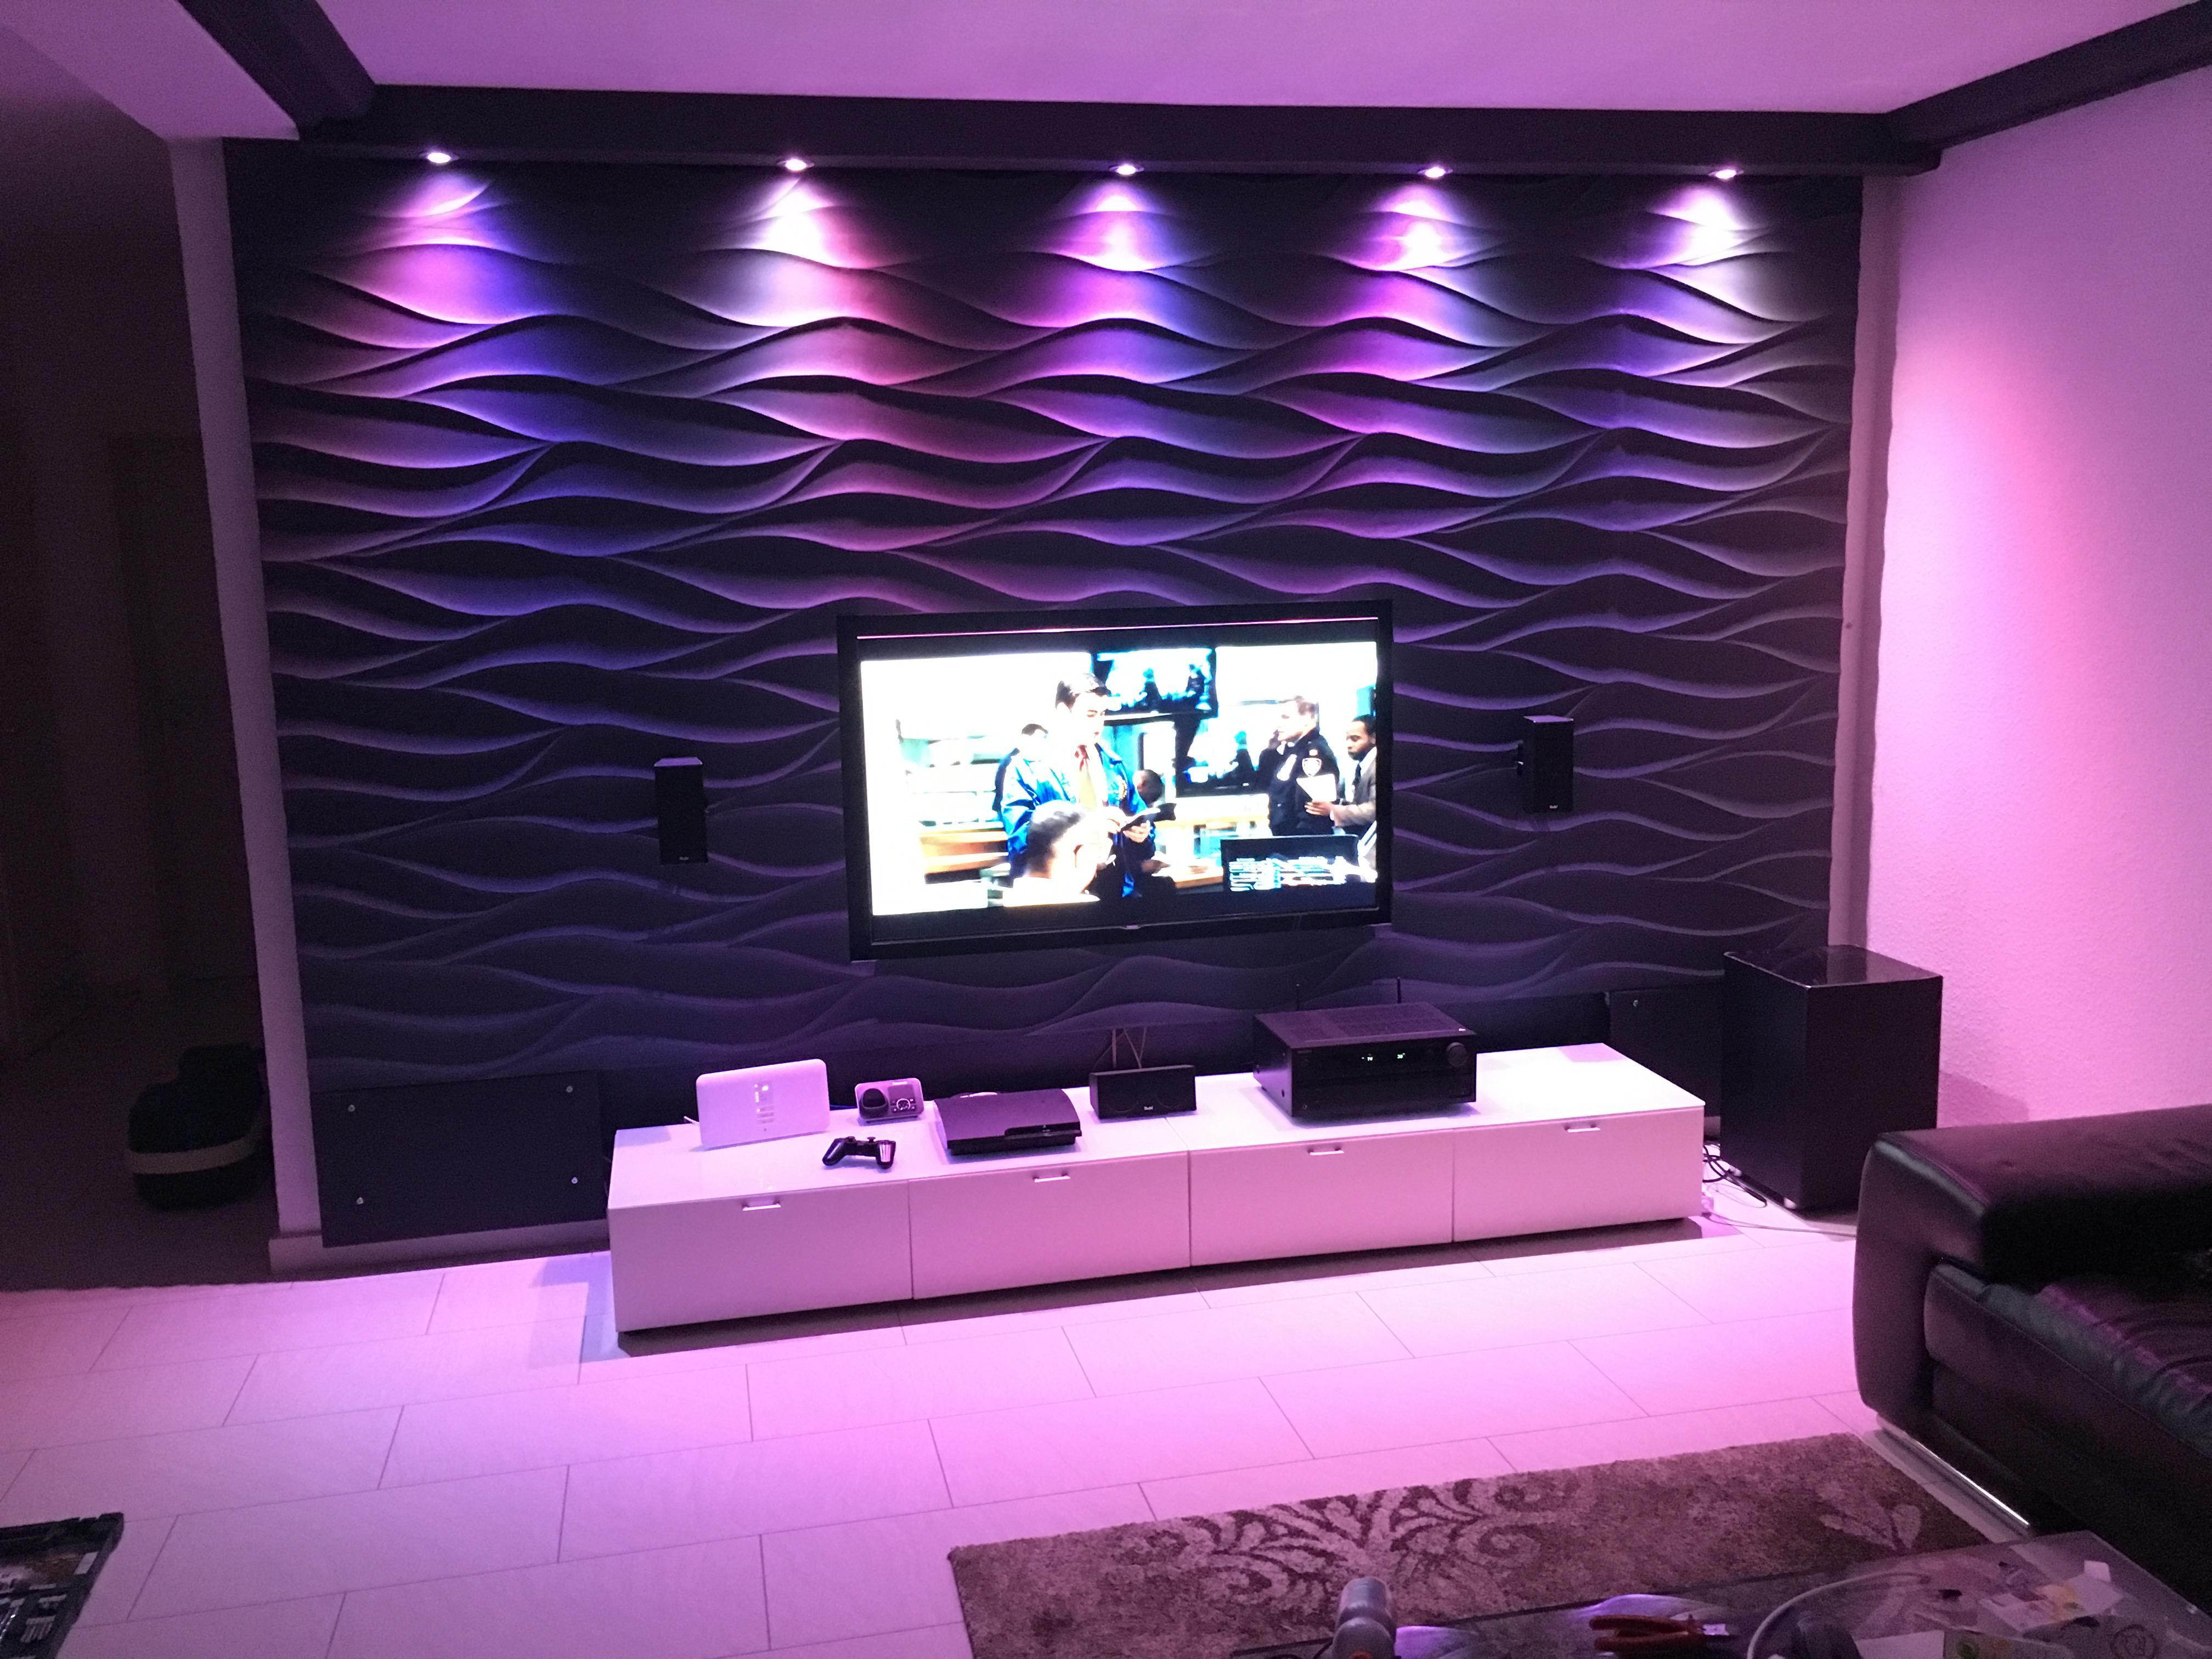 3d wandpaneel bilder ideen couchstyle - 3d wandpaneele wohnzimmer ...